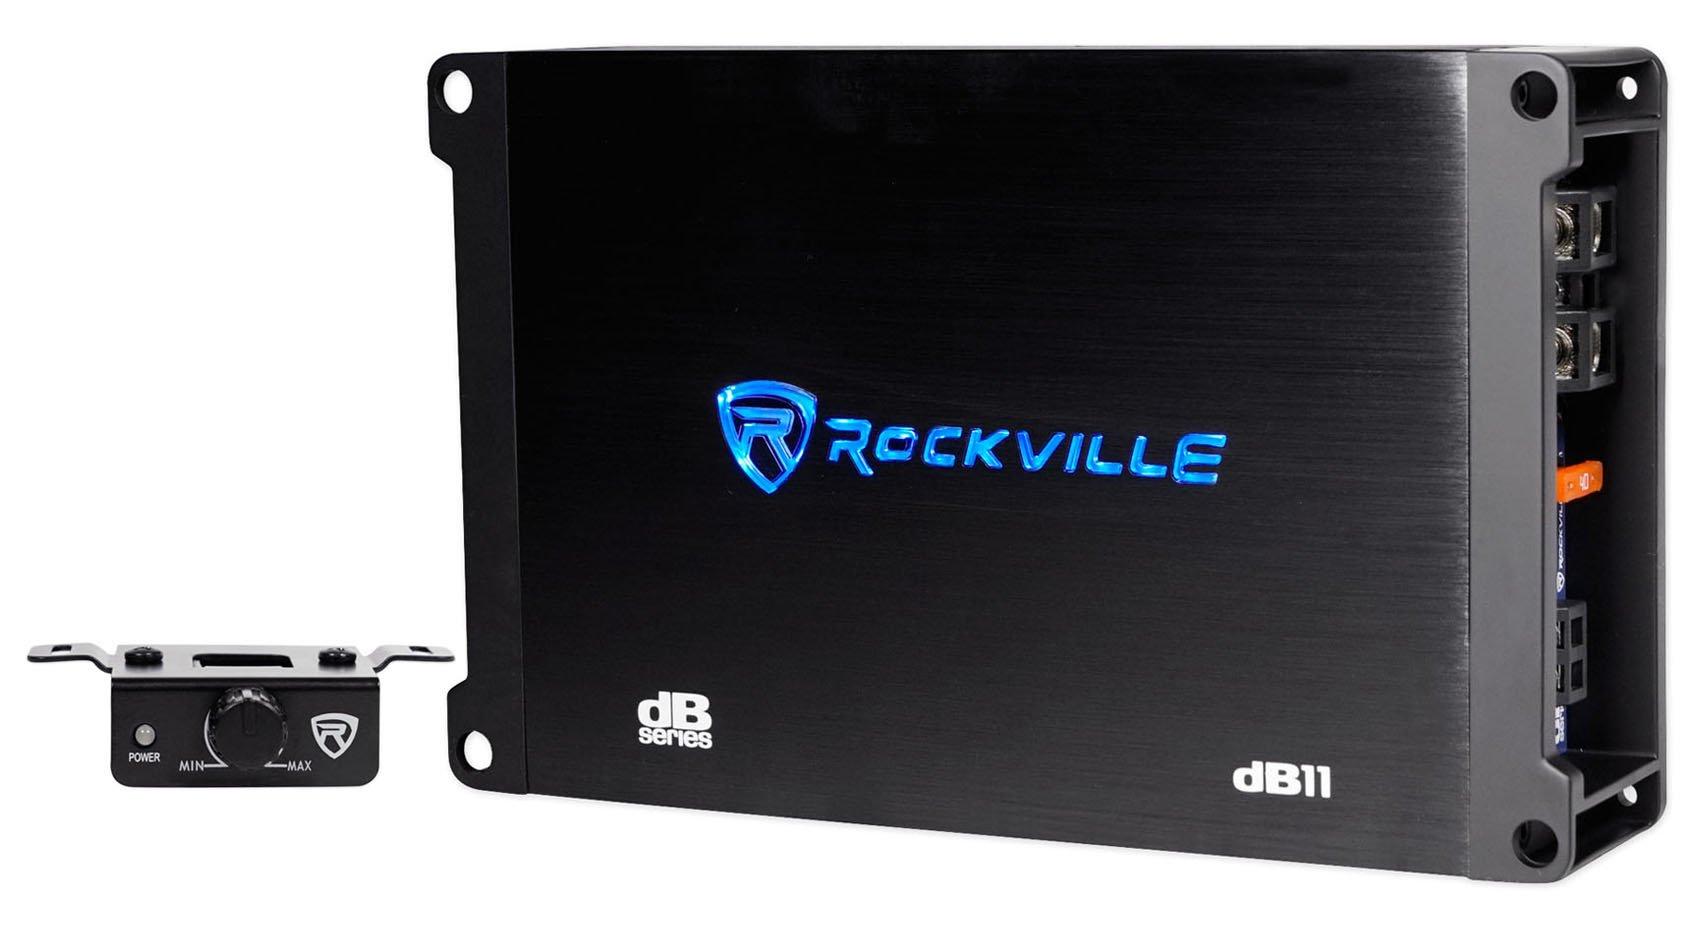 Rockville dB11 Compliant Amplifier Remote